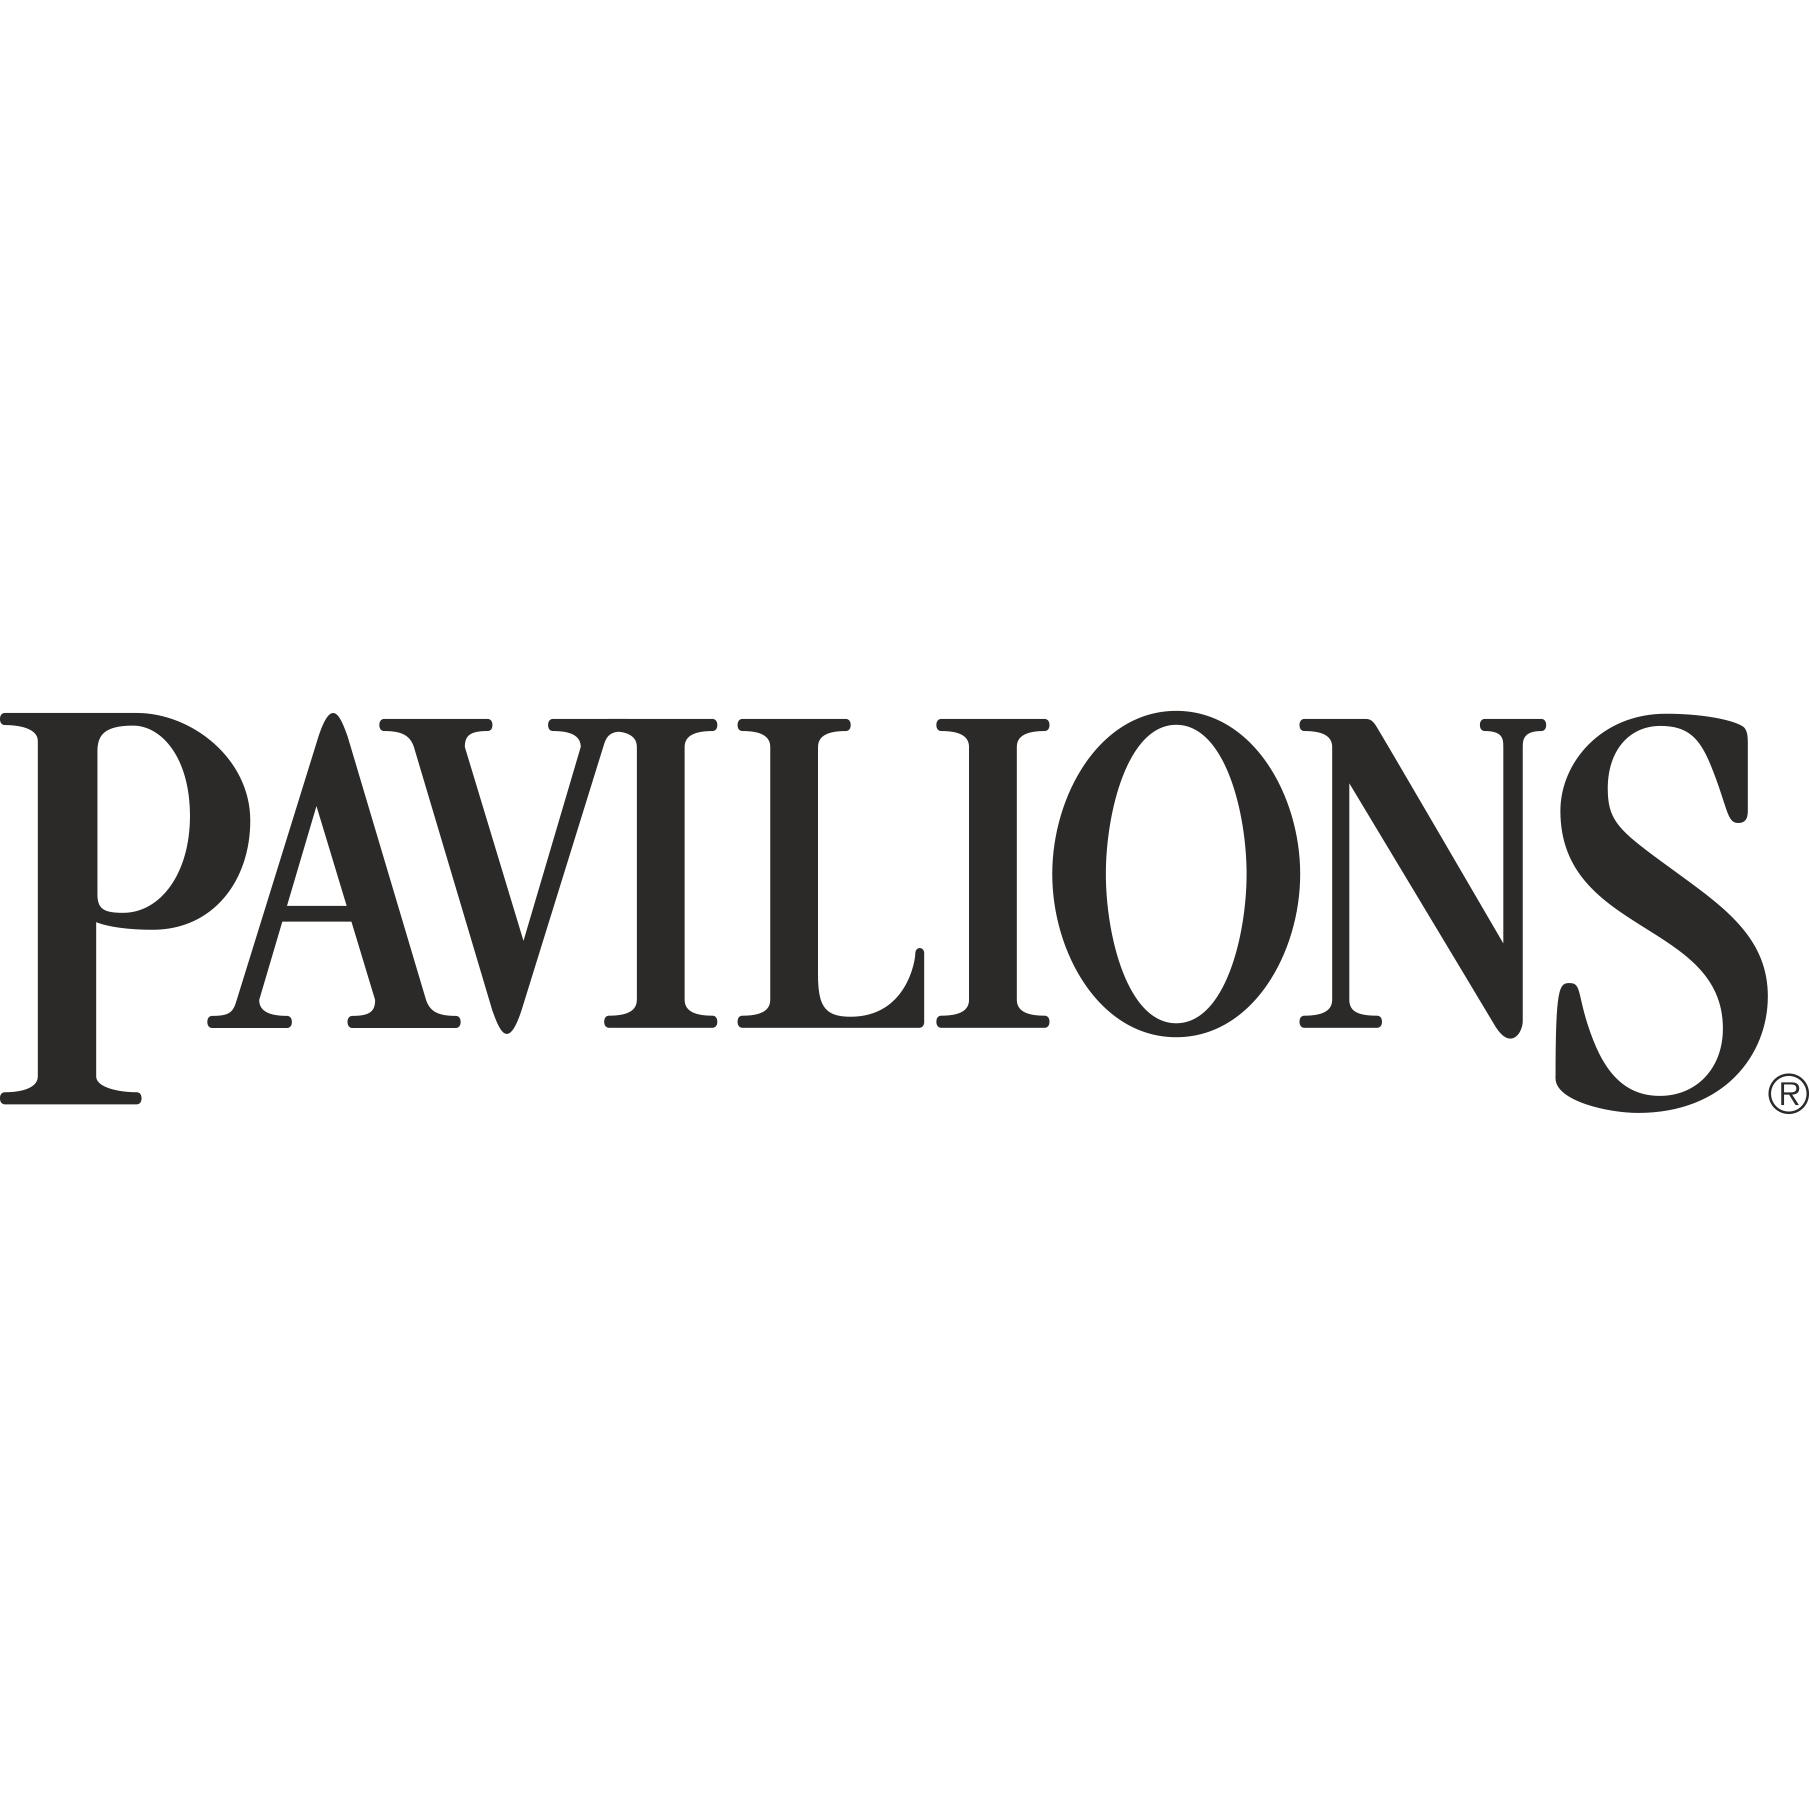 Pavilions - Newport Beach, CA 92663 - (949)675-2395 | ShowMeLocal.com